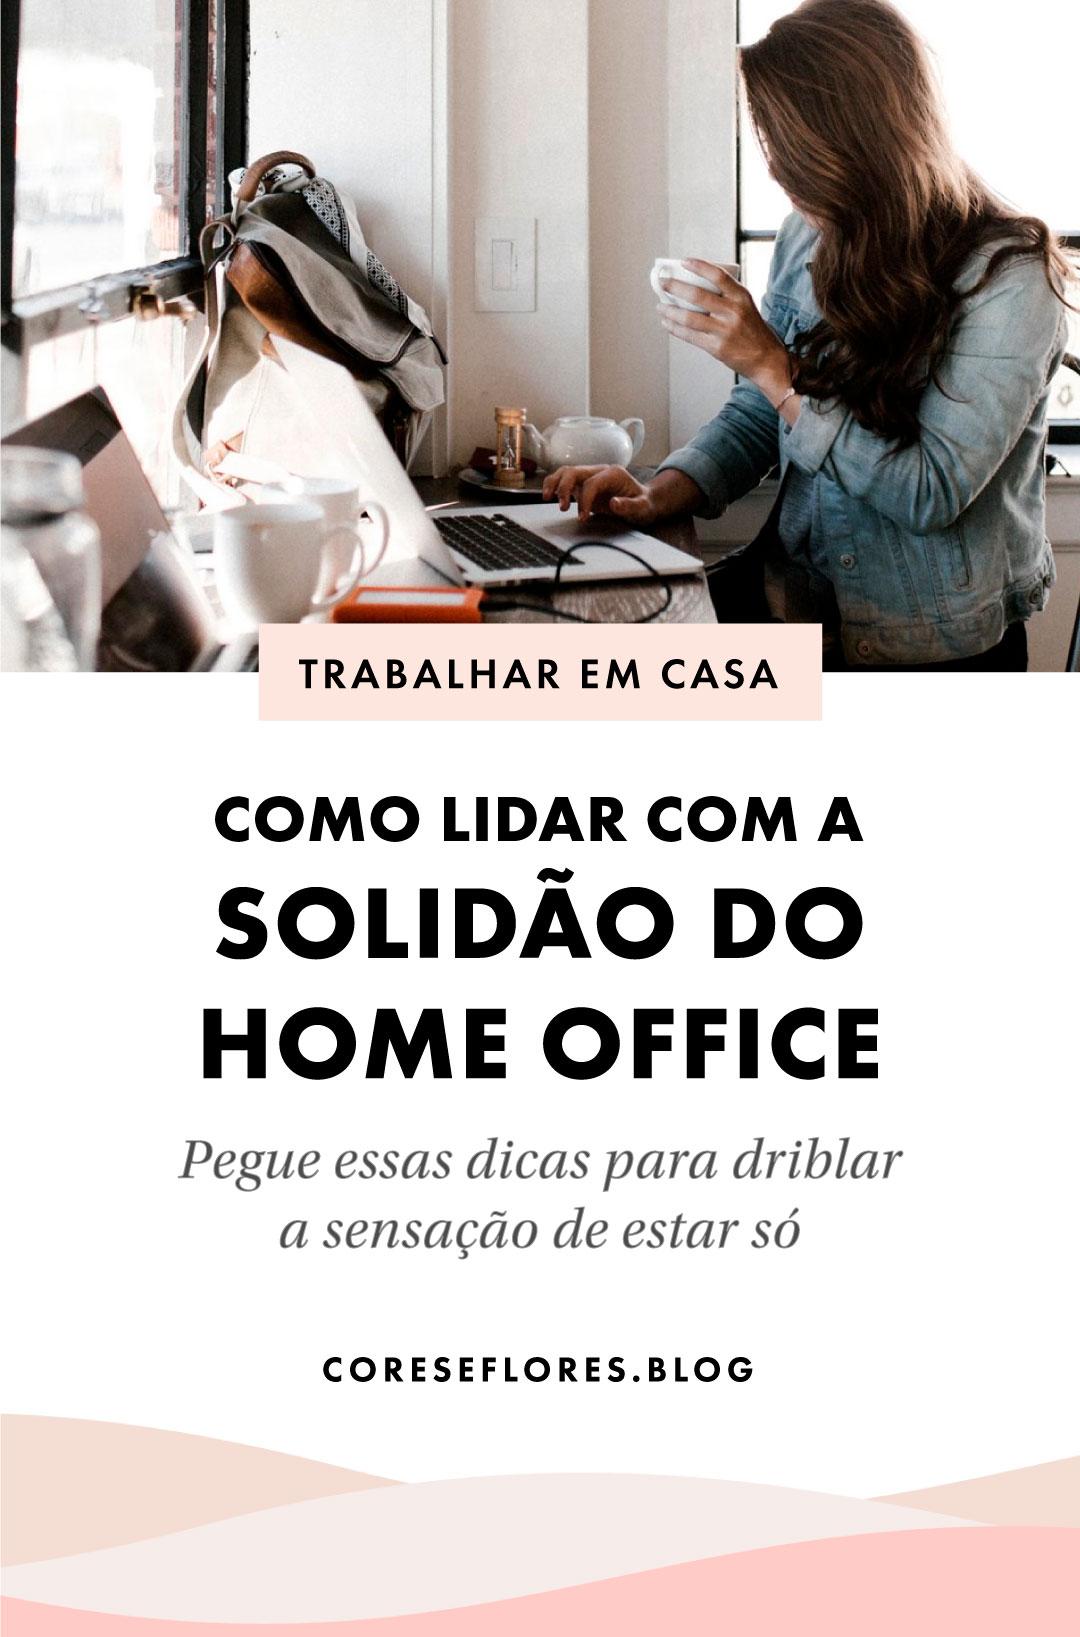 Como lidar com a solidão do home office